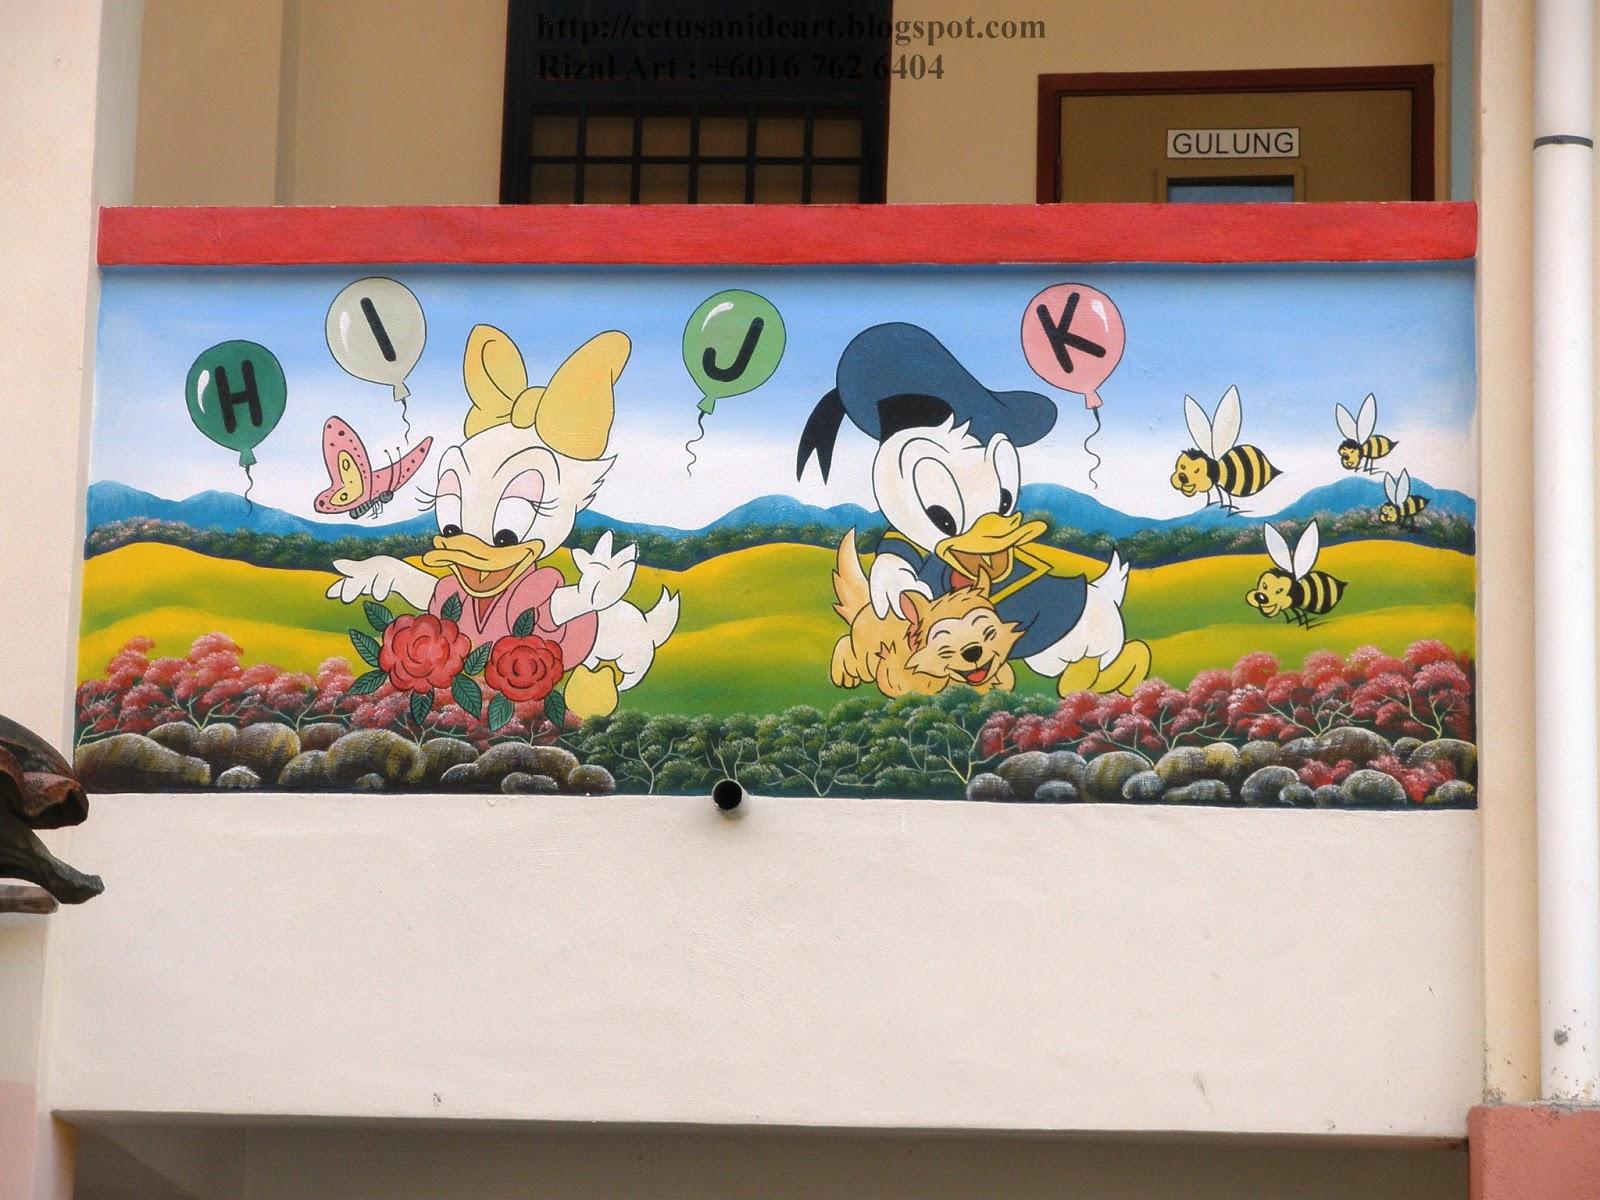 Mural art cetusan idea sample image mural prasekolah for Contoh lukisan mural tadika